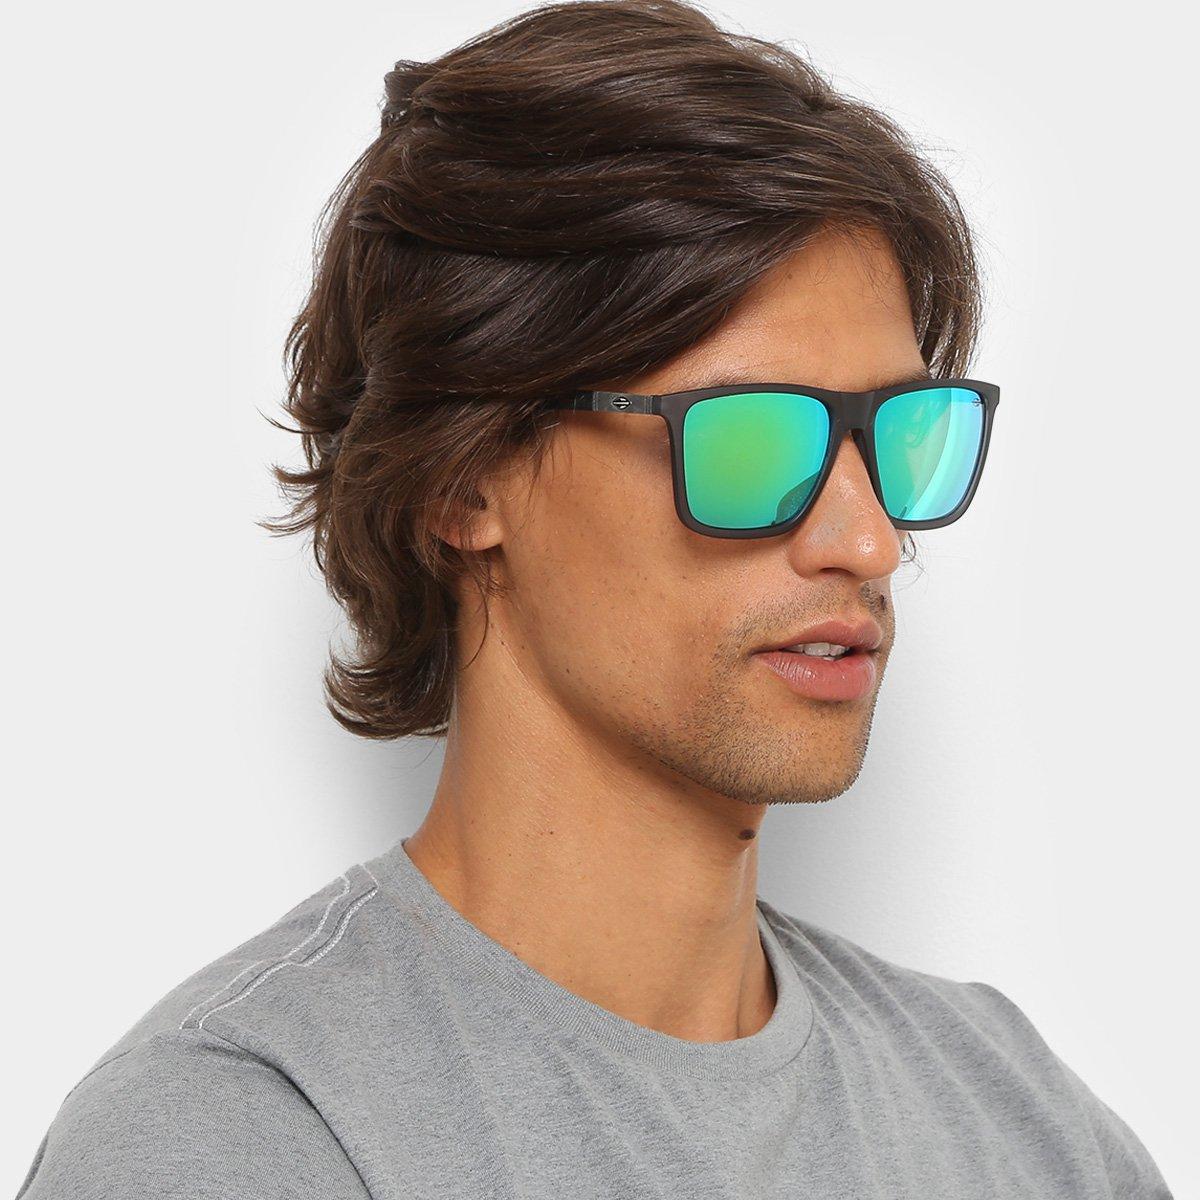 Óculos de Sol Mormaii Hawaii Masculino - Preto - Compre Agora   Netshoes 1f23de6d3c